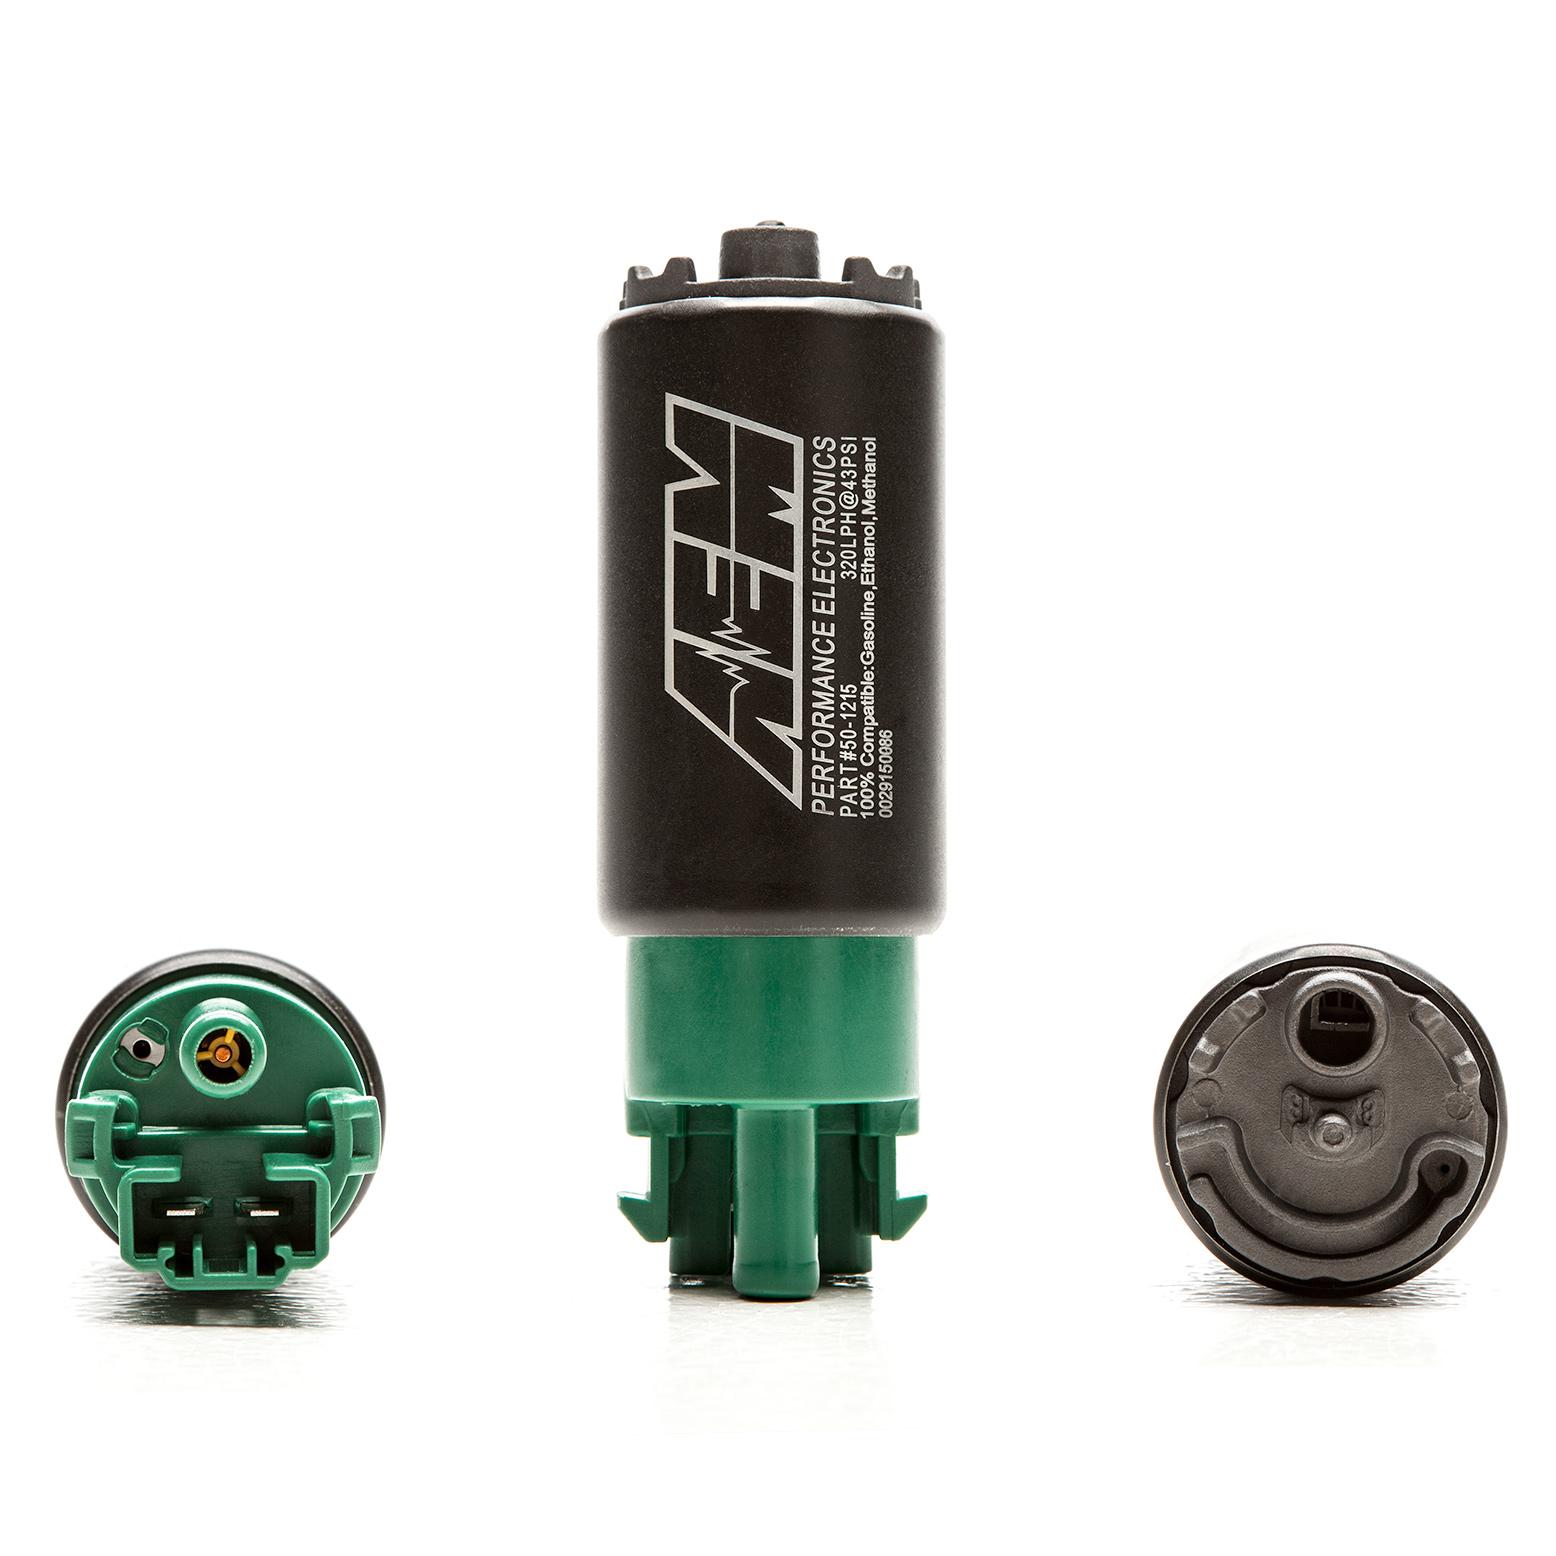 Subaru AEM High Flow Fuel Pump 05-09 LGT, 08-14 WRX, 08-18 STI